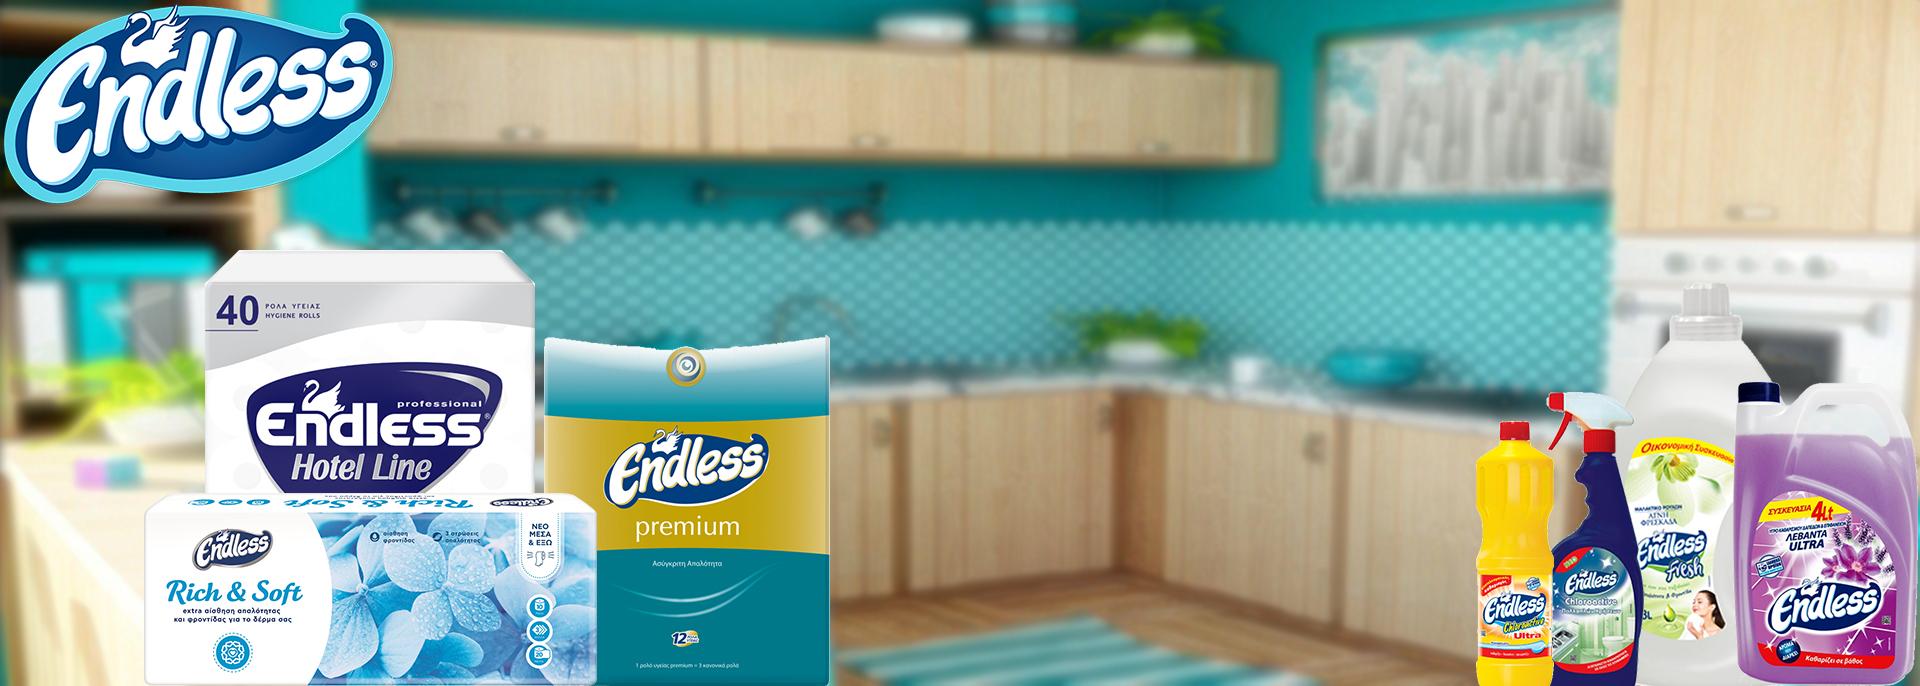 Προϊόντα Endless οικιακής και επαγγελματικής χρήσης